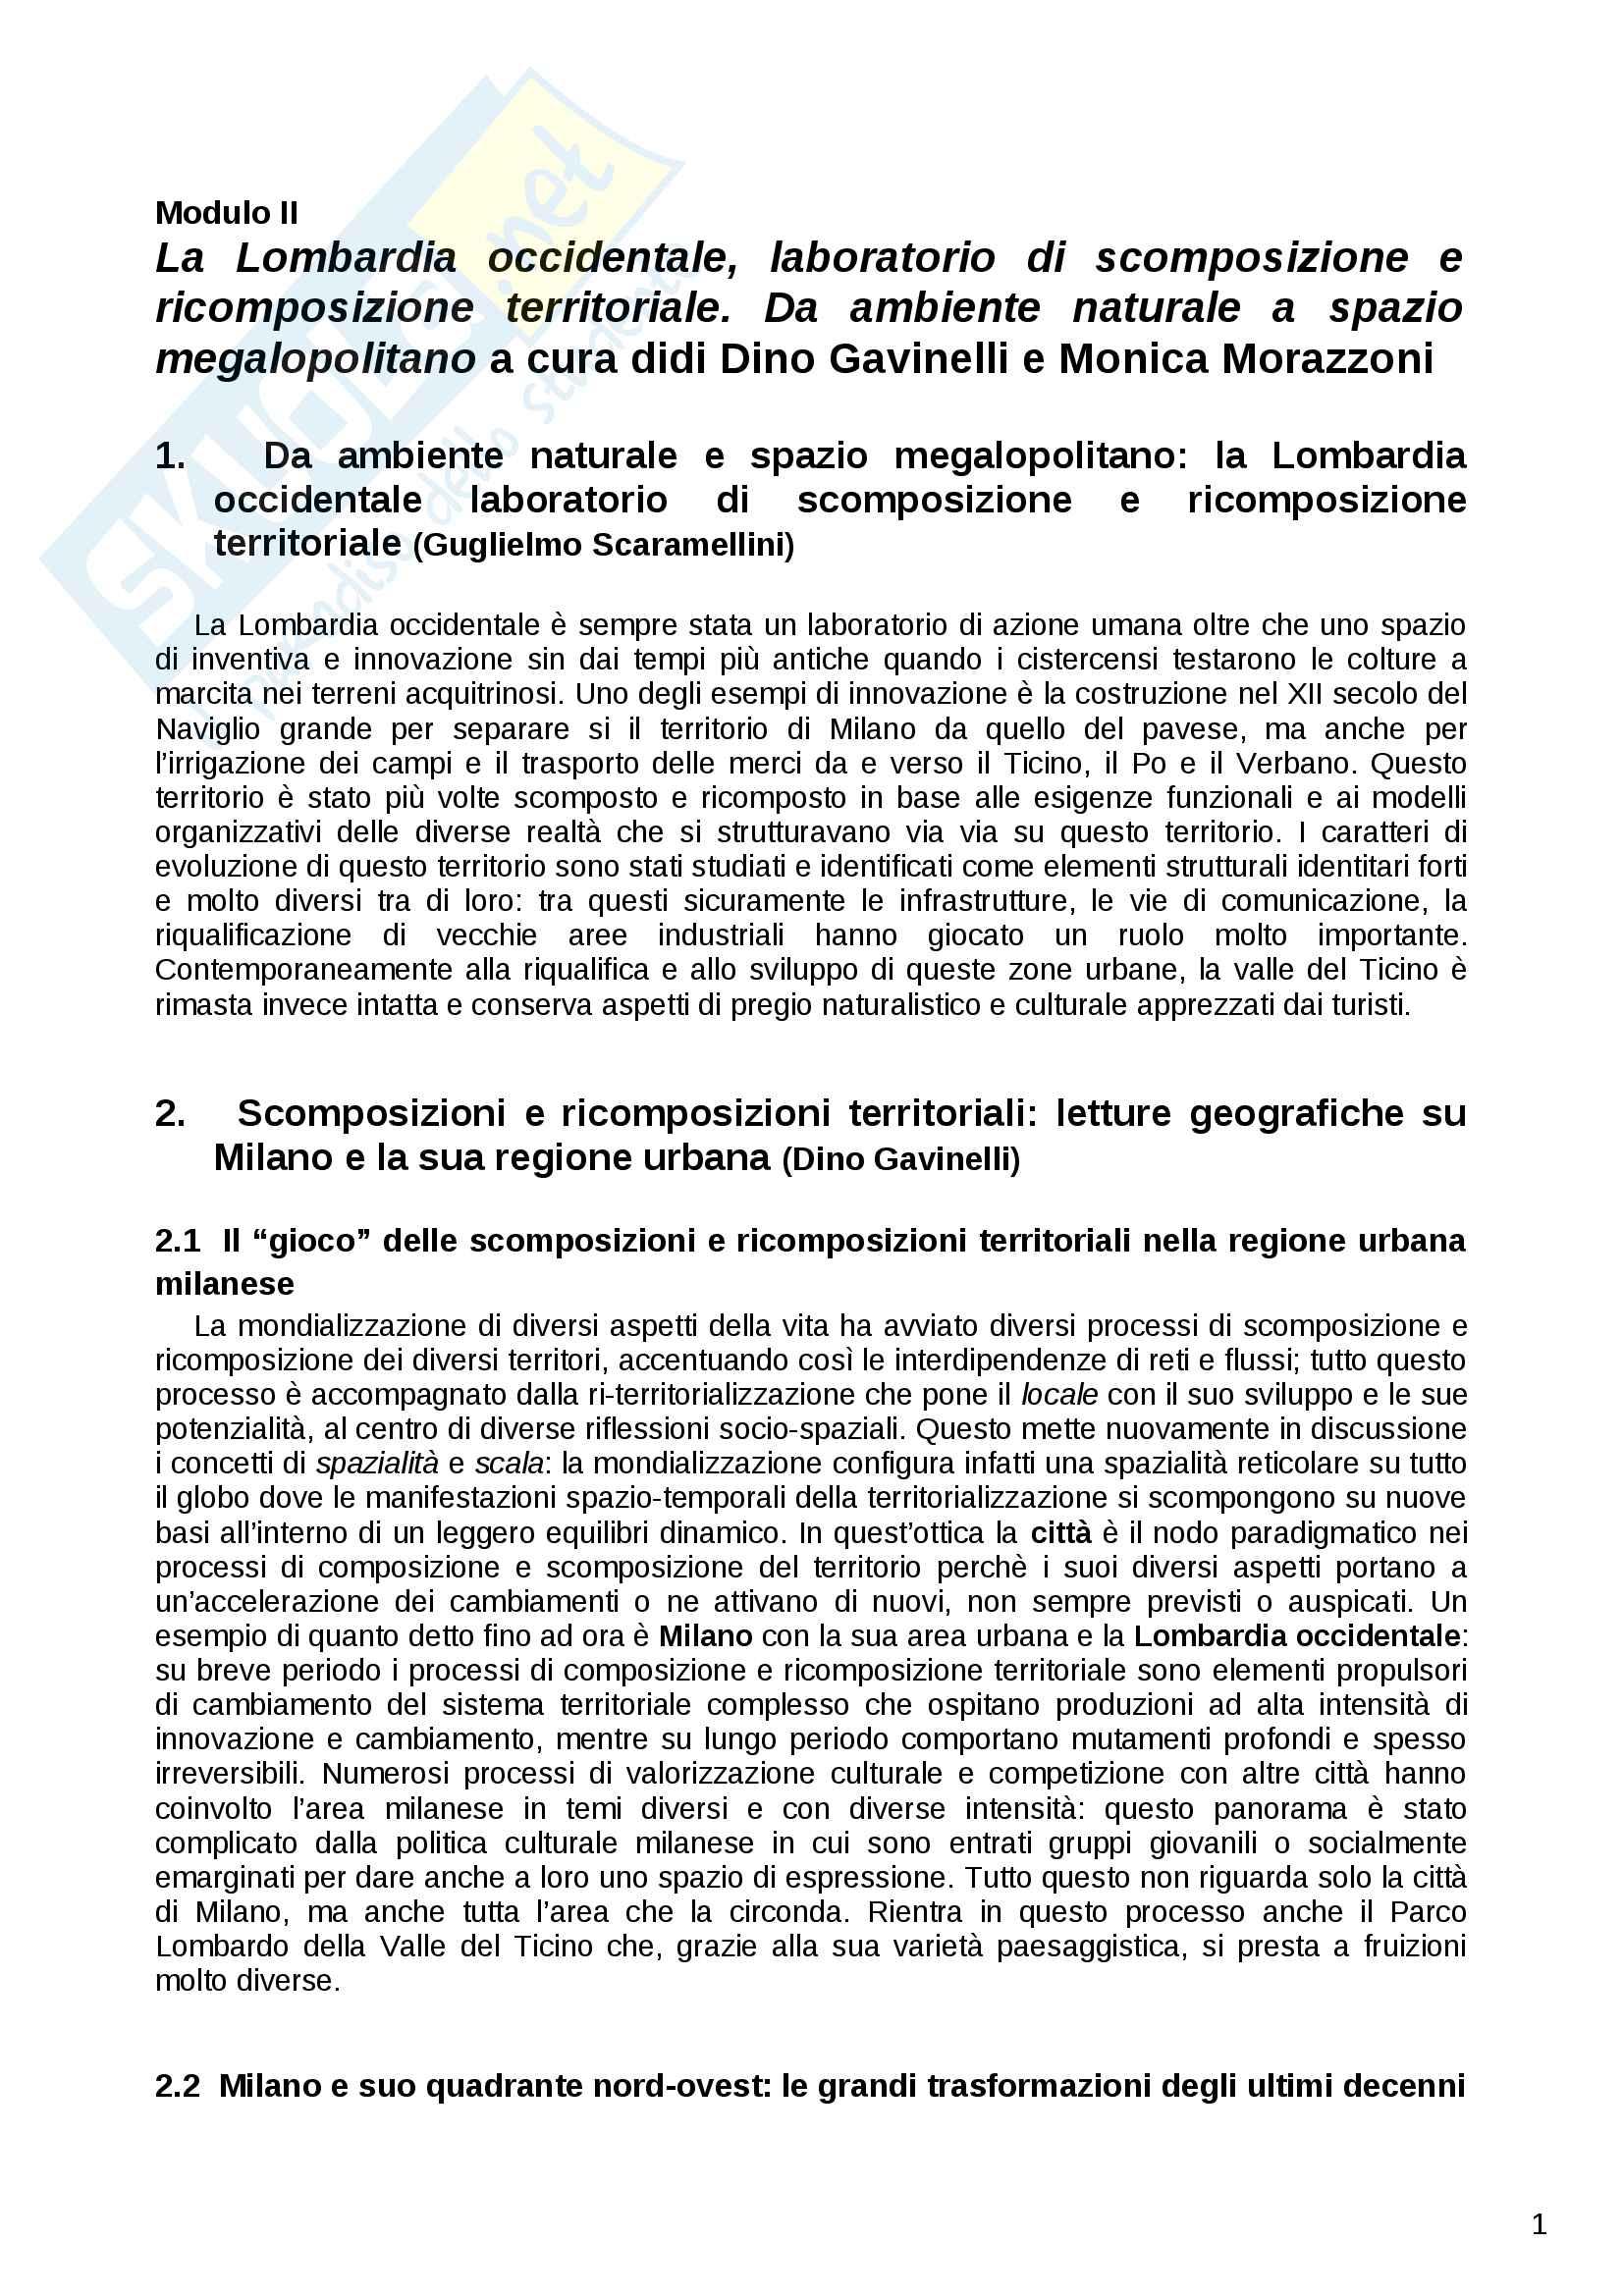 Riassunto esame Geografia Urbana e Regionale, prof. Dino Gavinelli, libro consigliato La Lombardia occidentale laboratorio di scomposizione e ricomposizione territoriale